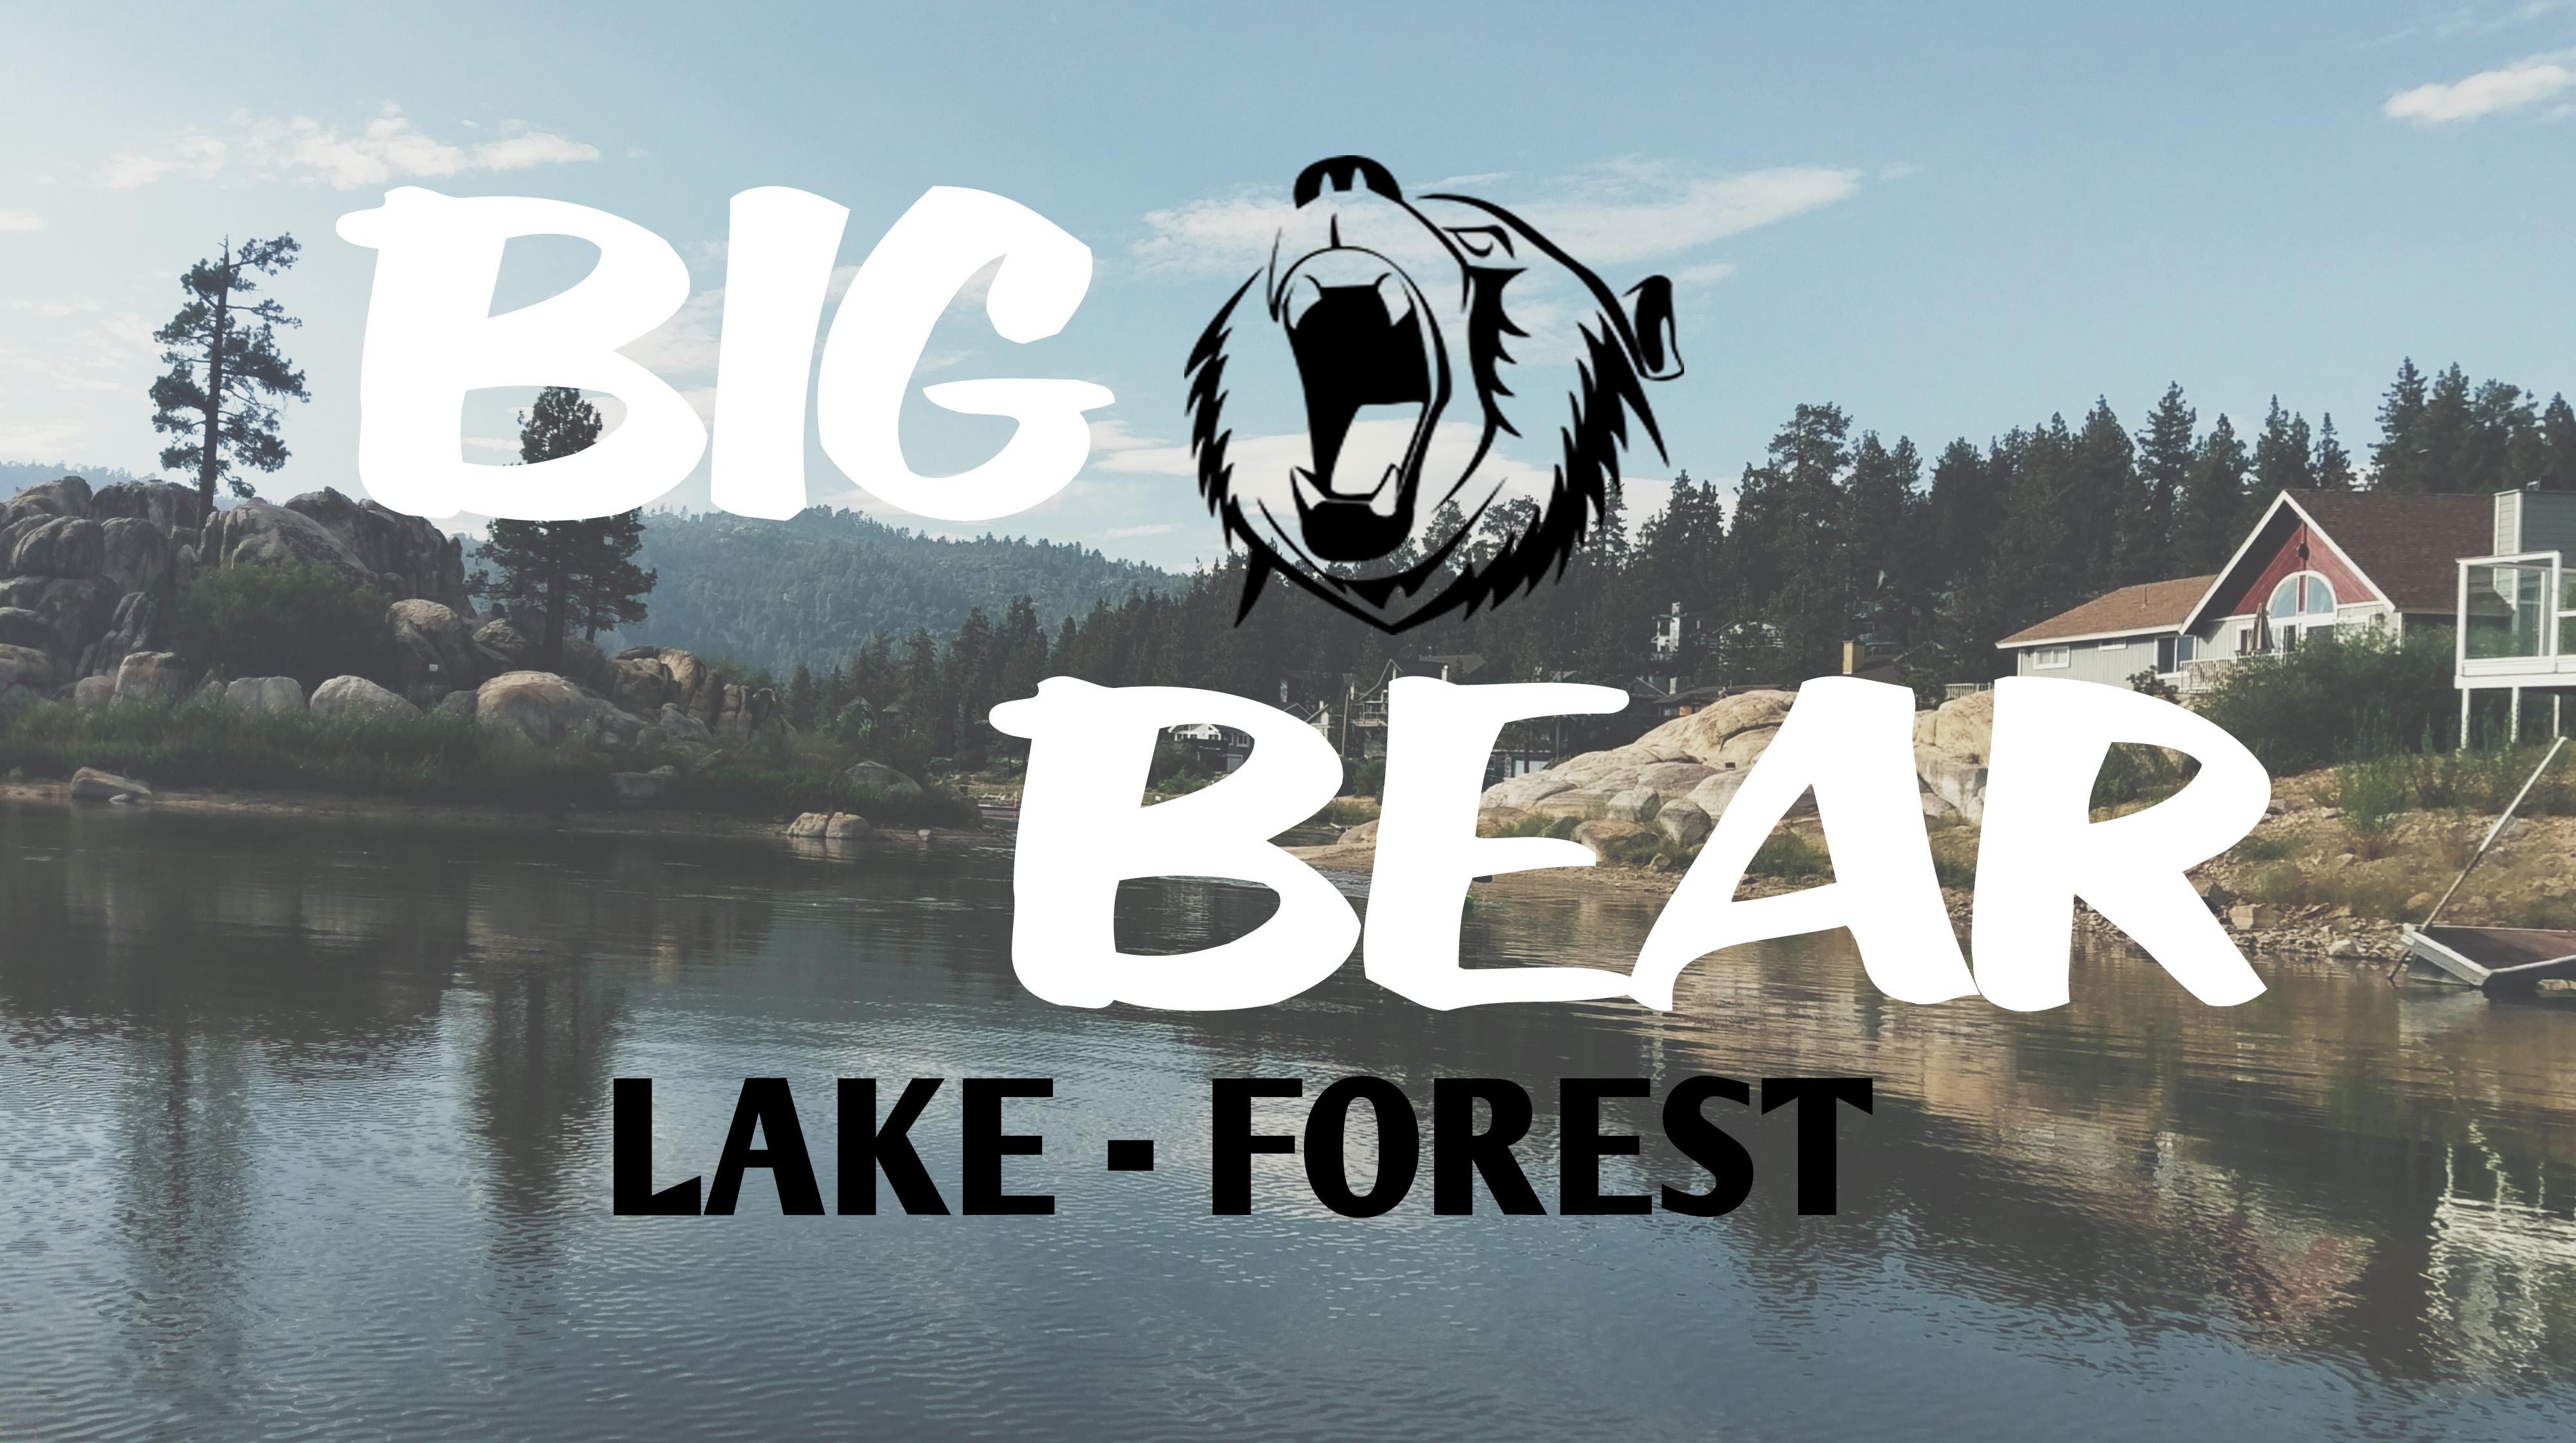 زيارتي Bear كاليفورنيا غابه البحيره 2017_09_23_09_59_36_122.jpg